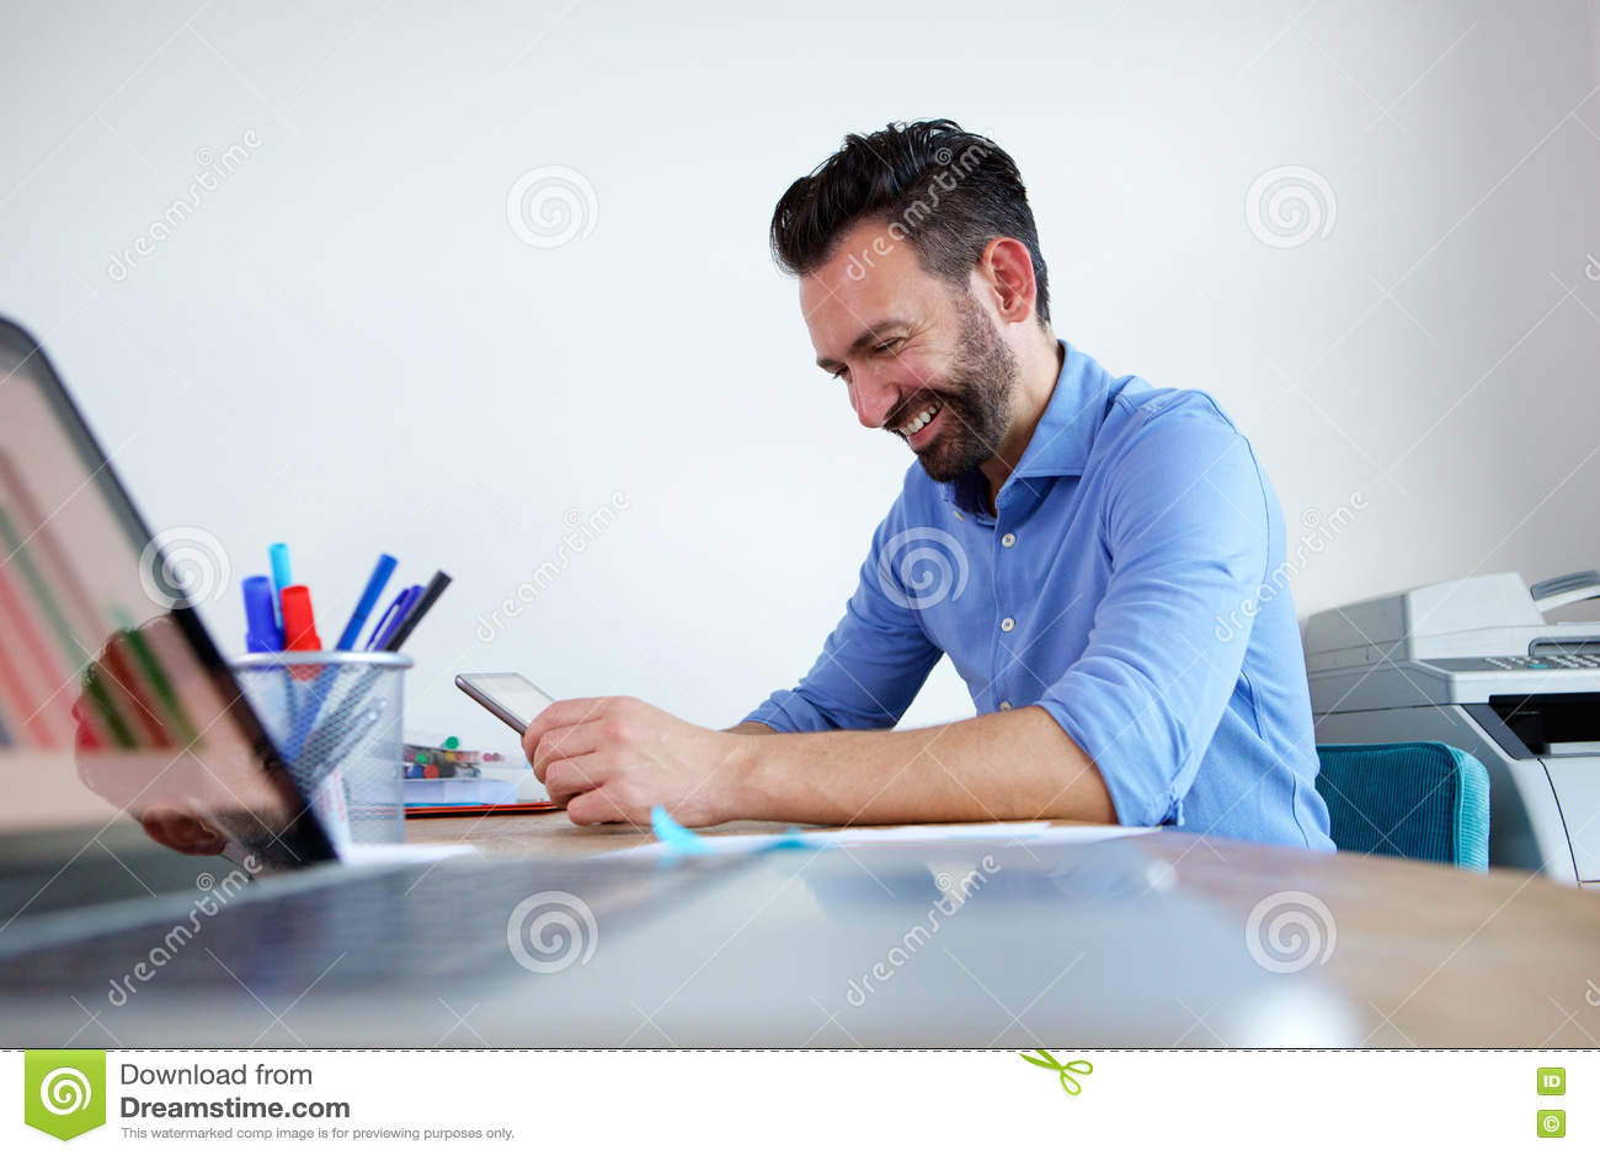 Ευτυχής ώριμη συνεδρίαση επιχειρησιακών ατόμων στο γραφείο του και χρησιμοποίηση της ψηφιακής ταμπλέτας